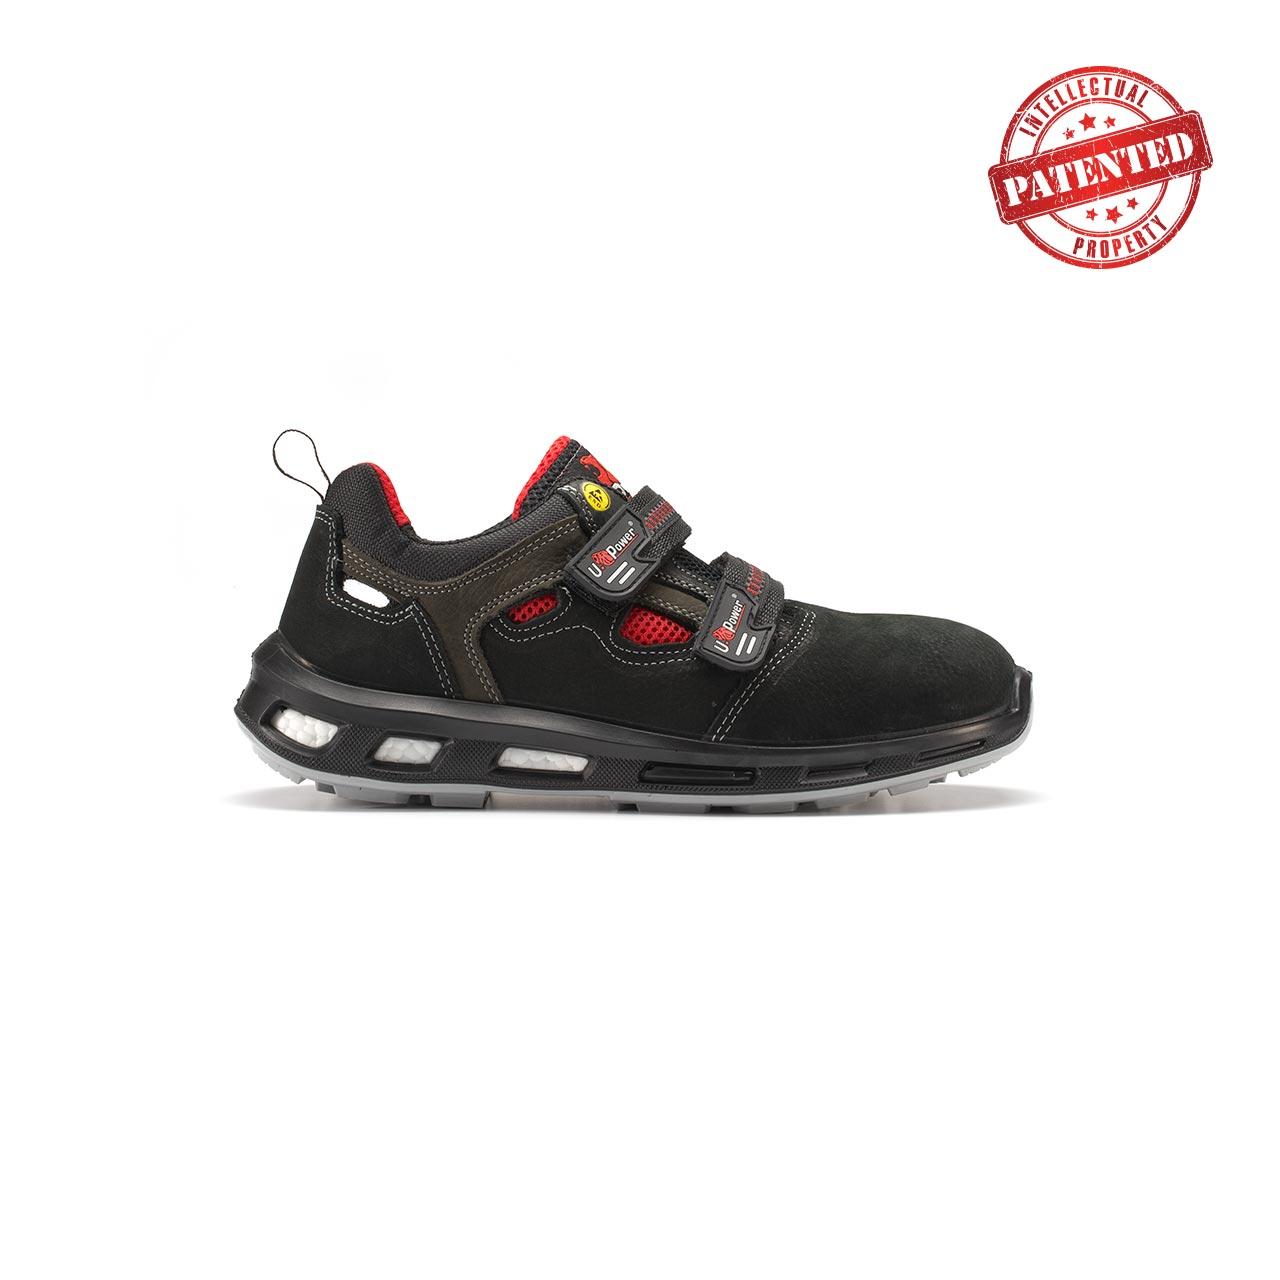 calzatura da lavoro upower modello cody linea redlion vista lato destro